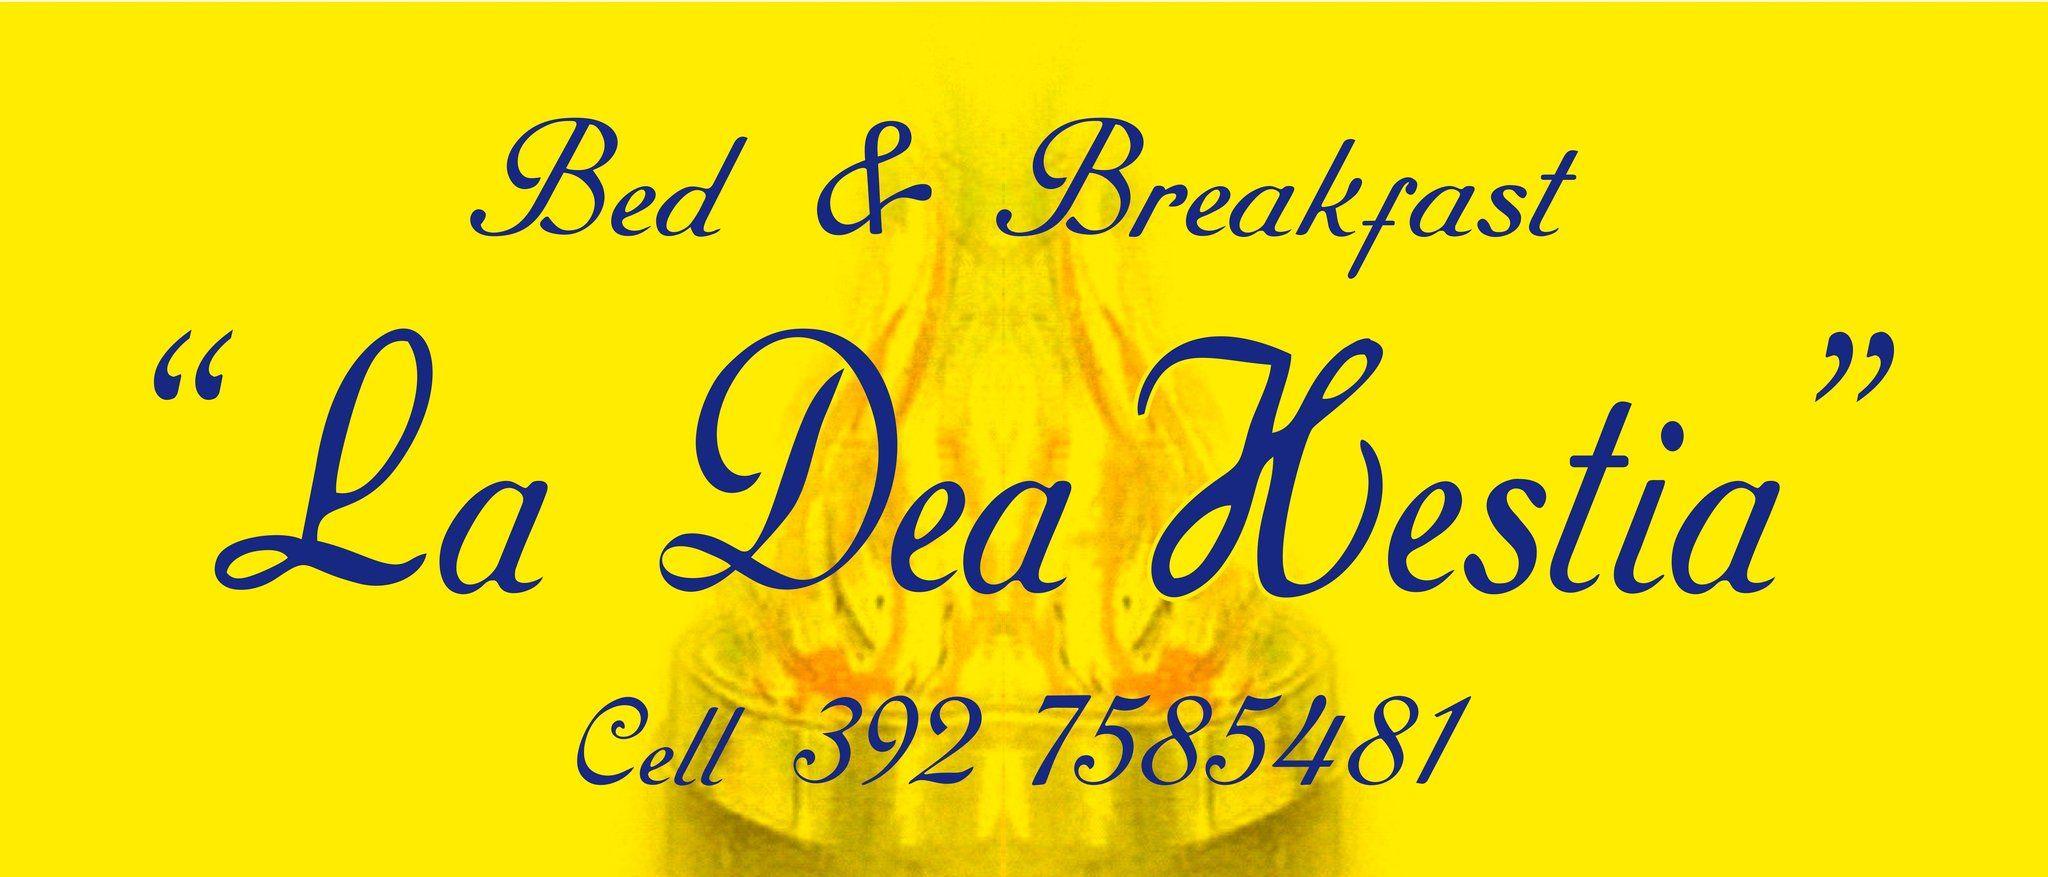 拉亚赫斯提亚住宿加早餐旅馆